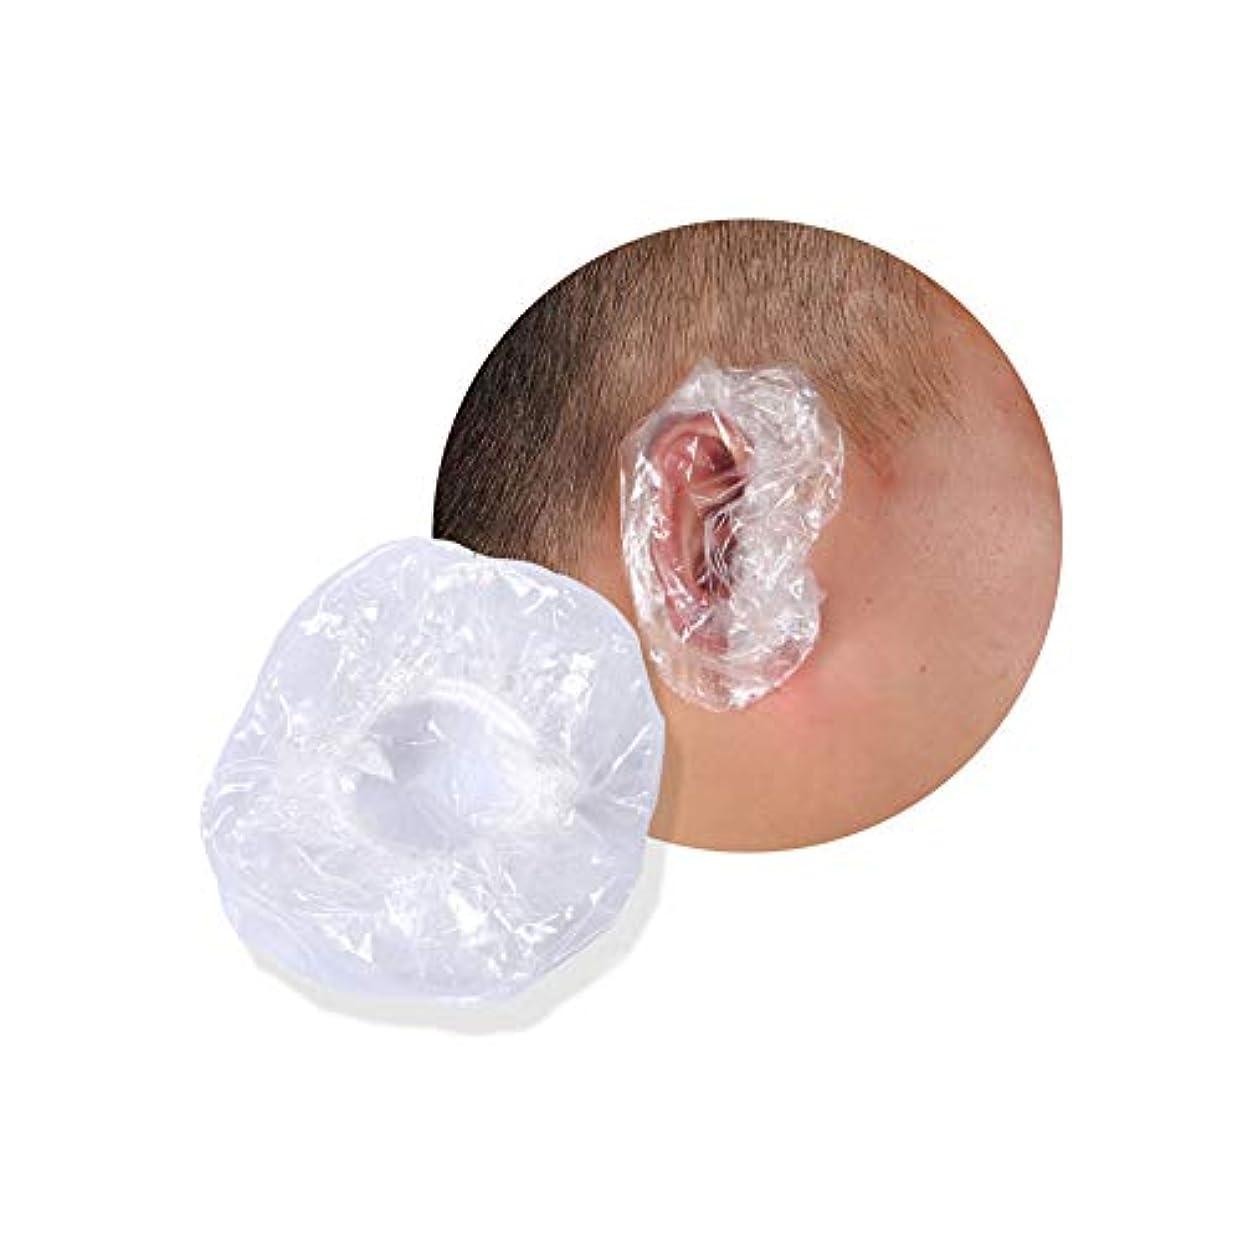 聡明統治可能本会議イヤーキャップ 使い捨て 簡単 装着 透明 ビニール 耳 保護 カバー 毛染め パーマ 縮毛矯正 シャンプー トリートメント 100個入り